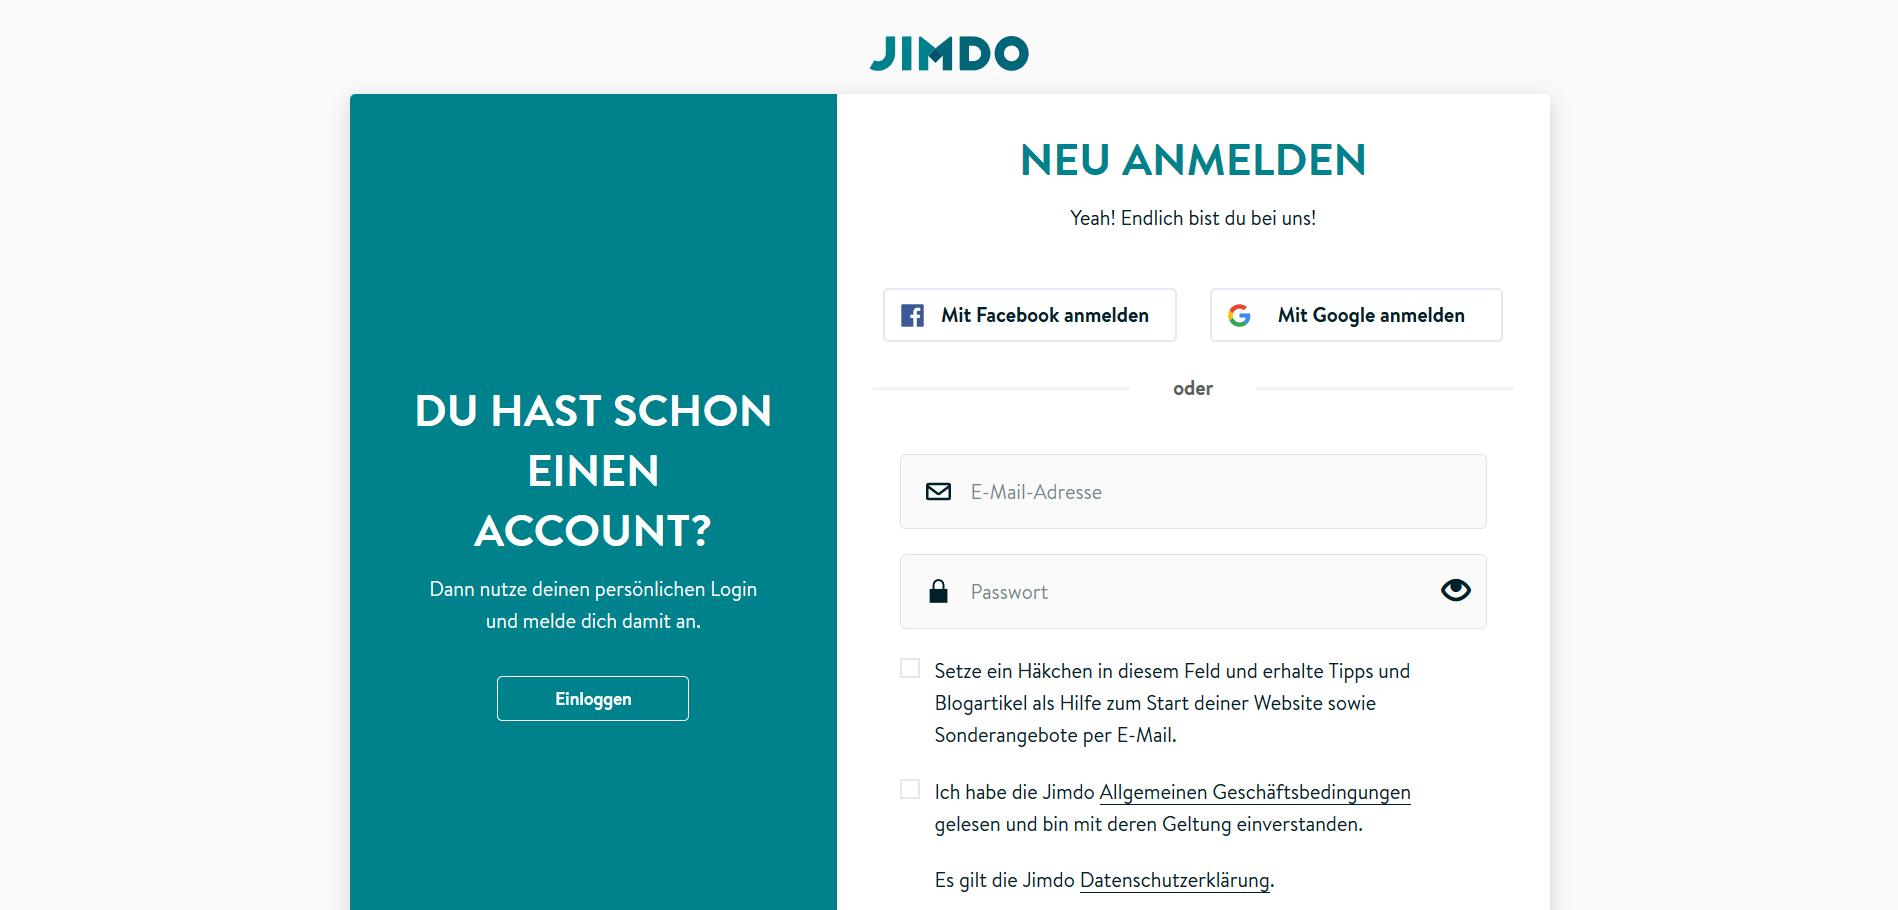 Jimdo Website Baukasten Test: Website erstellen Schritt 1.2